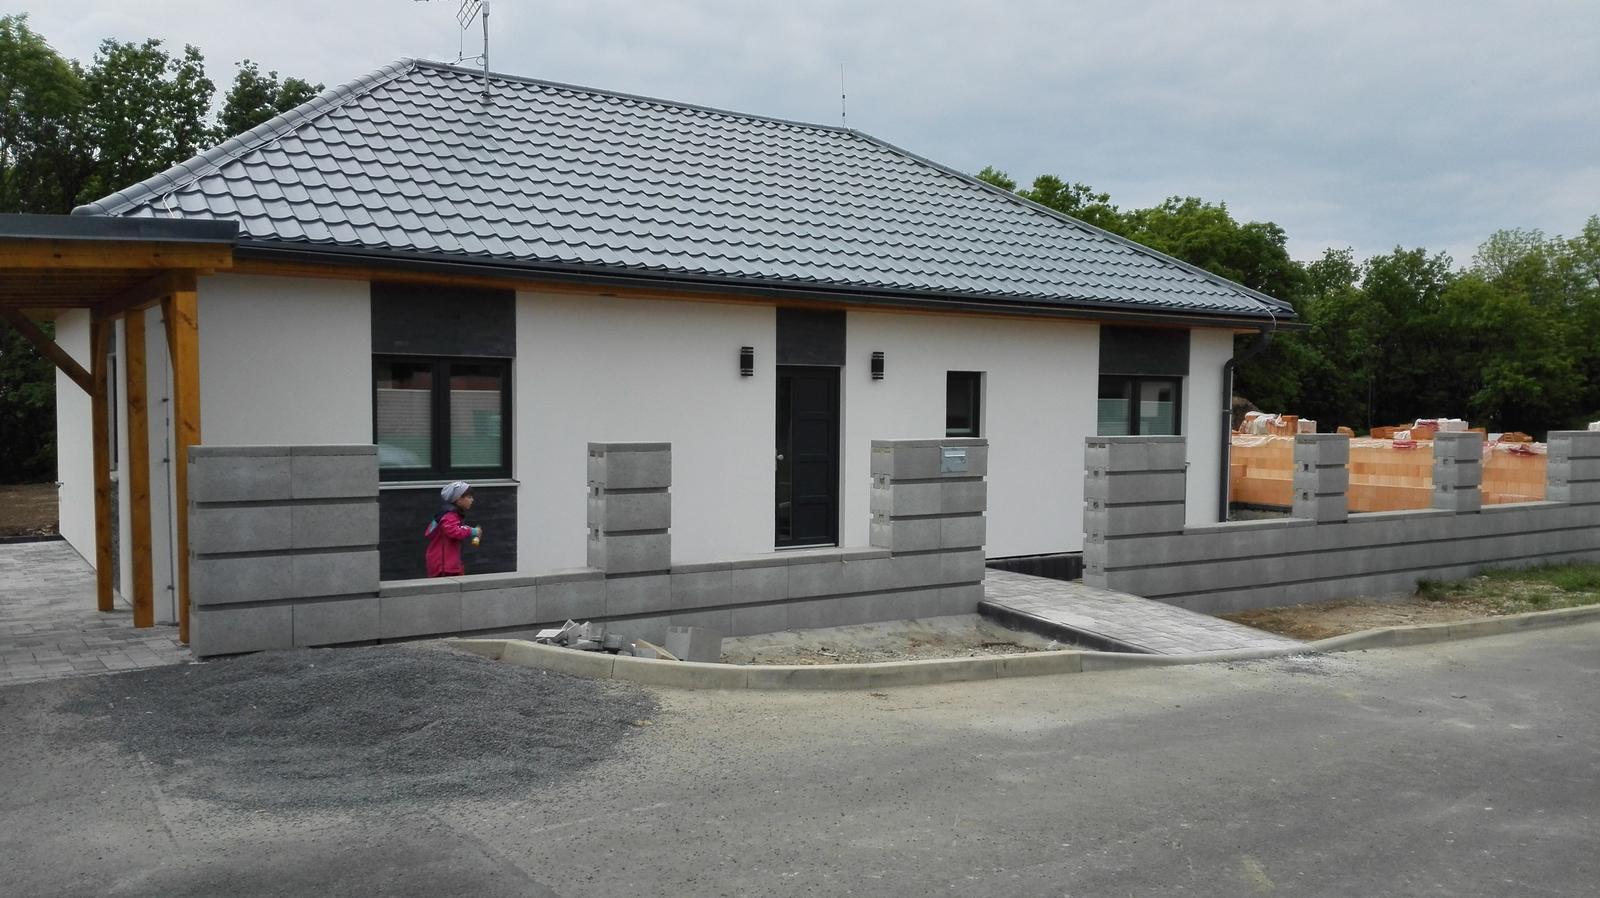 Okolo domu :o) - Plot Best Roka - vítěz designové soutěže o nový plotový systém...Zbyla nám celá paleta plotu, množství odpovídá levé straně plotu